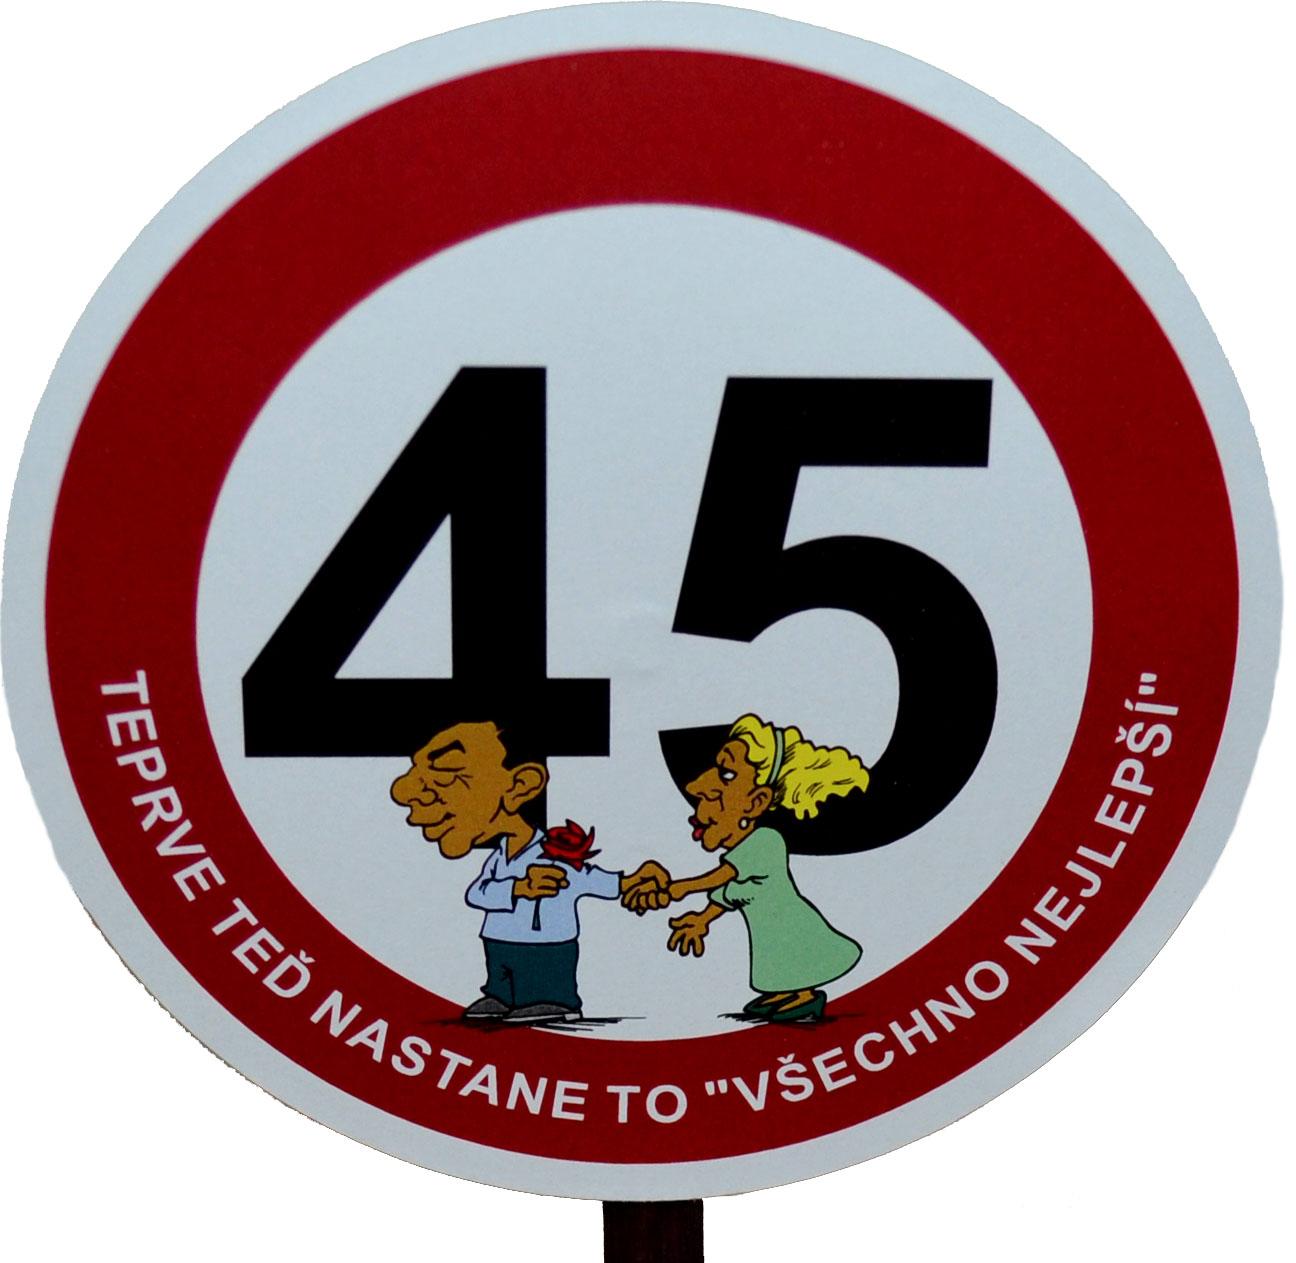 Dopravní značka k 45. narozeninám